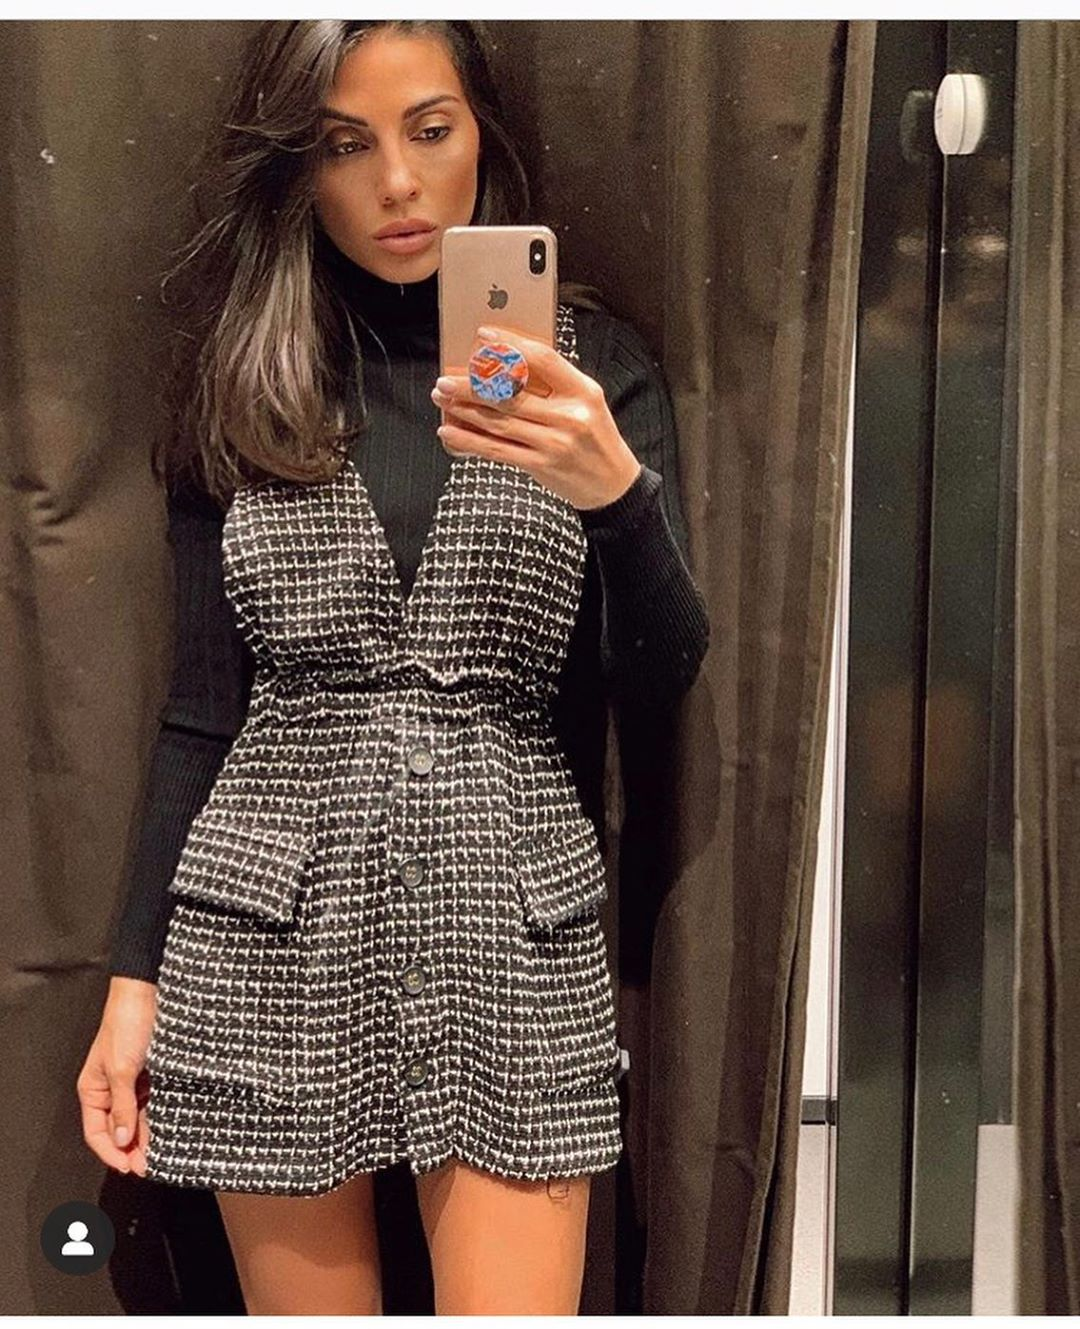 tweed bib overalls dress de Zara sur look_by_zara_hm